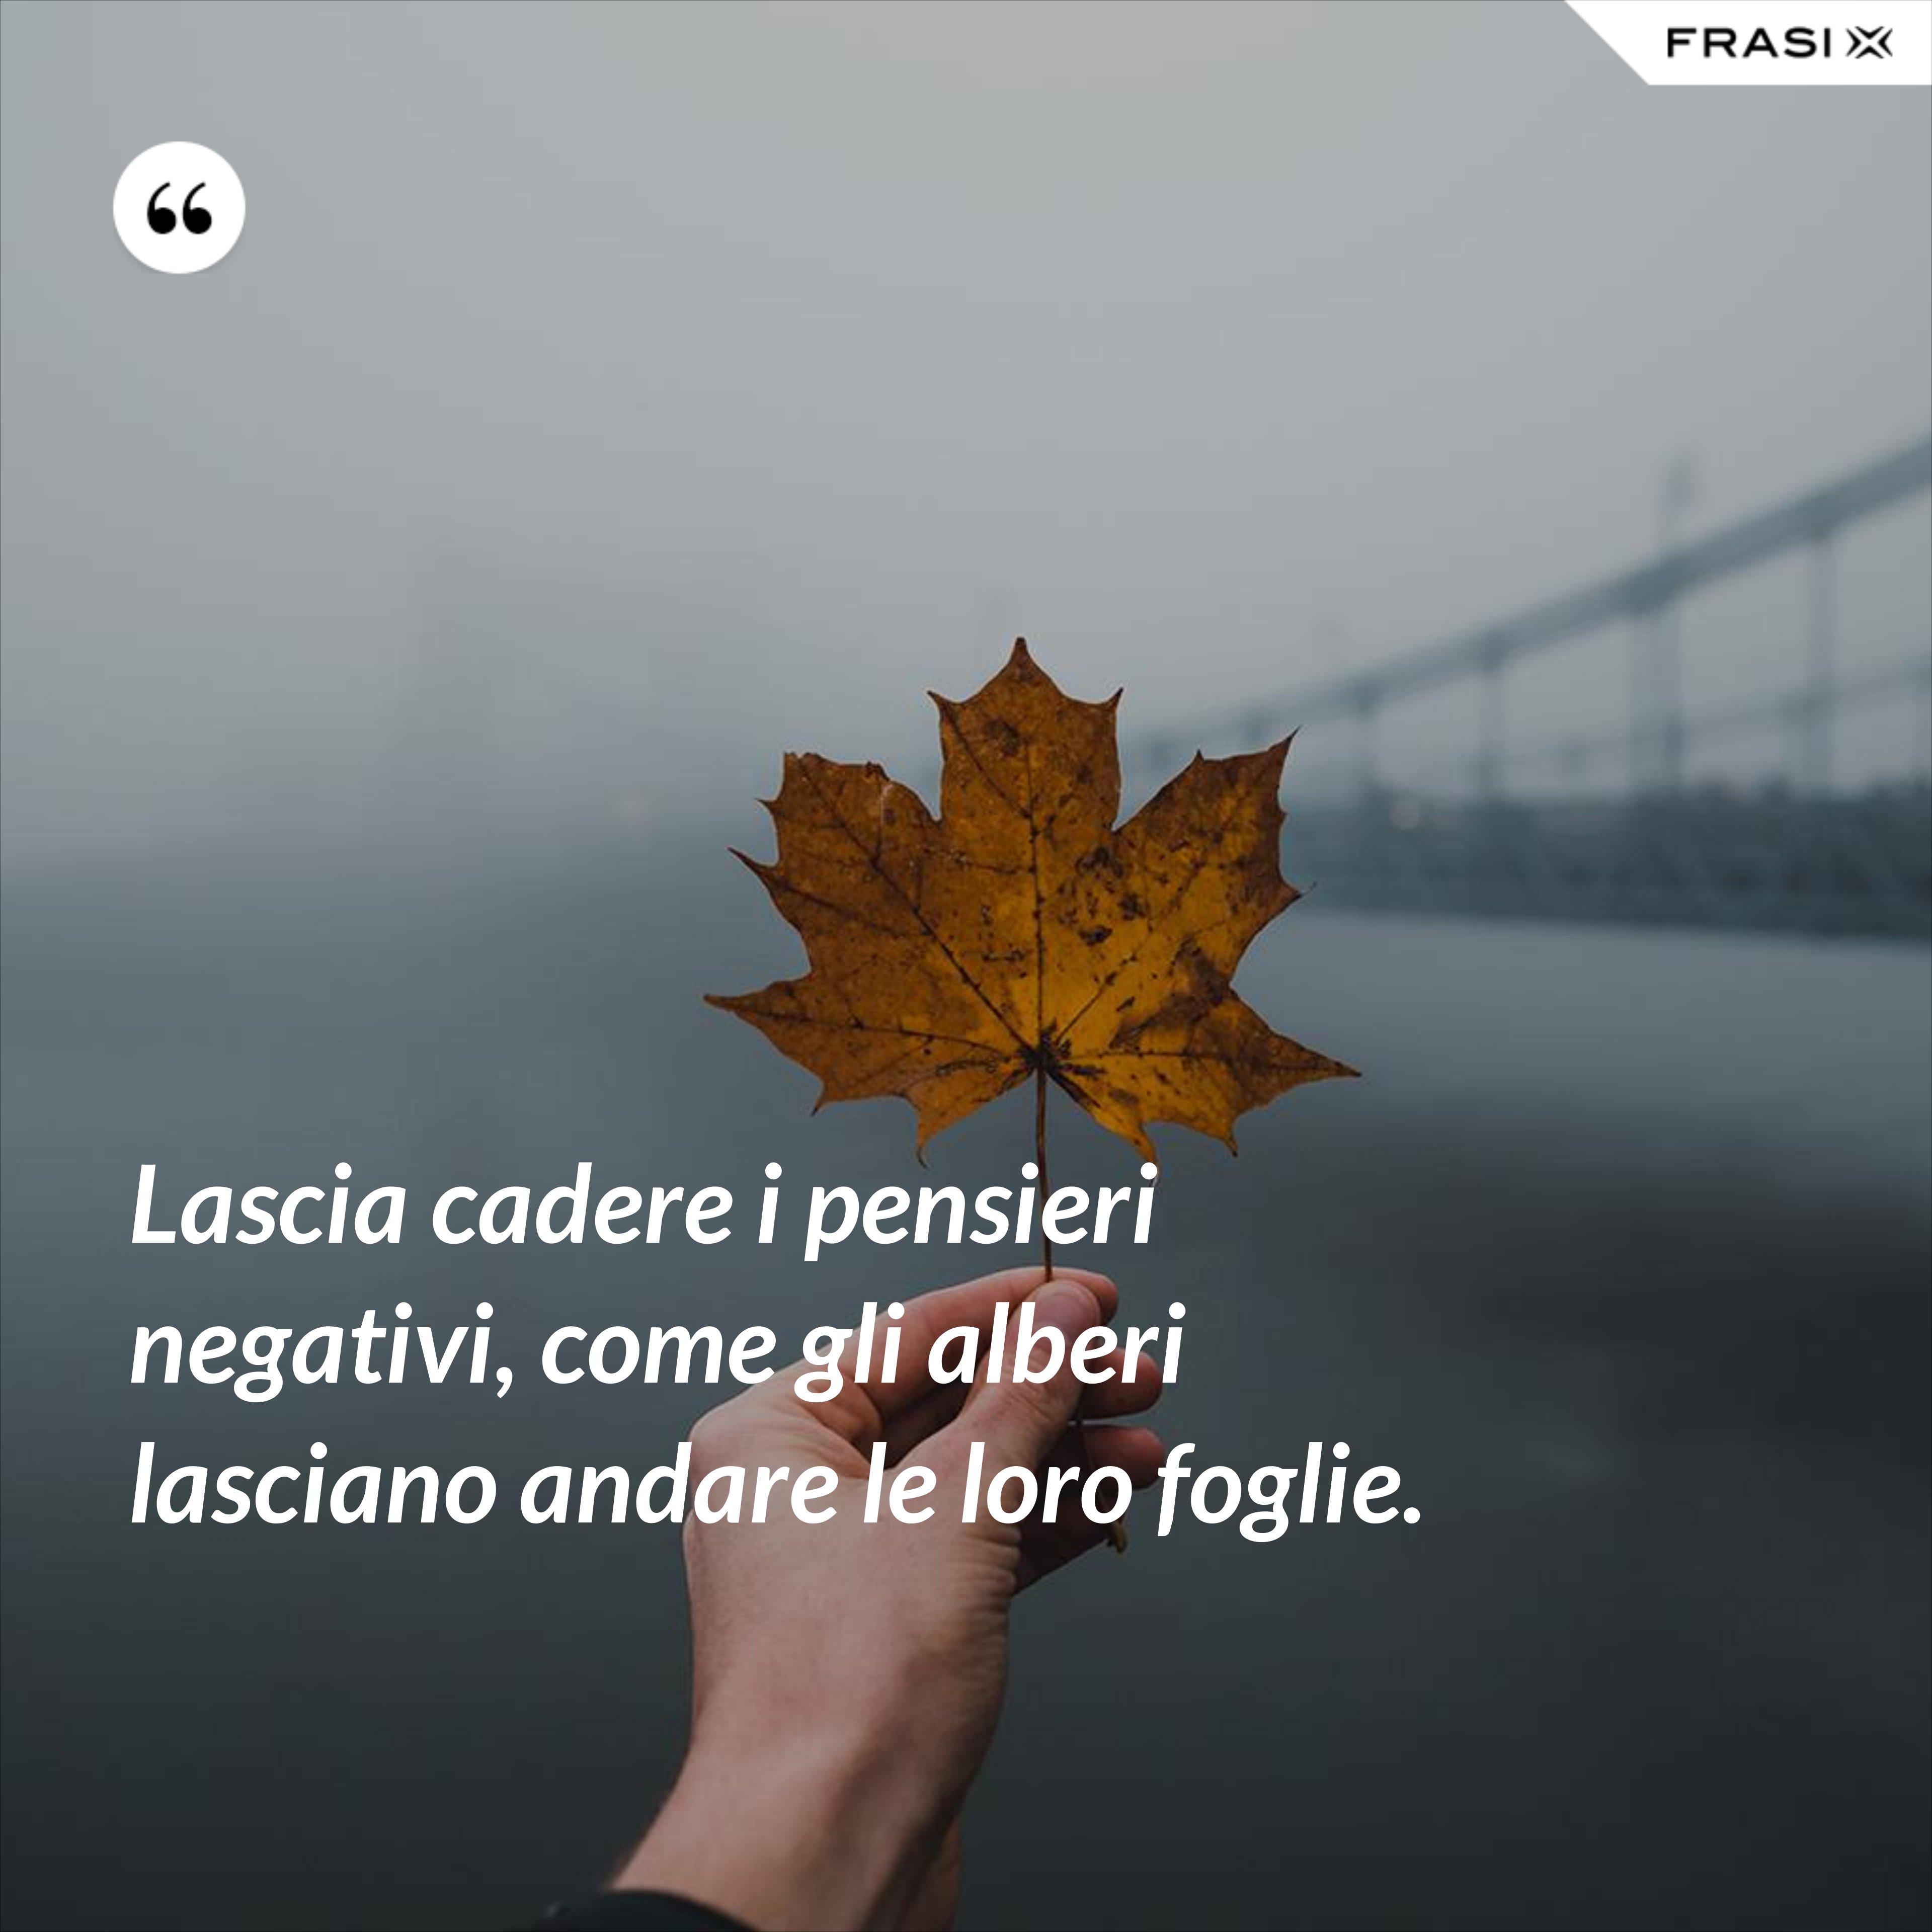 Lascia cadere i pensieri negativi, come gli alberi lasciano andare le loro foglie. - Anonimo